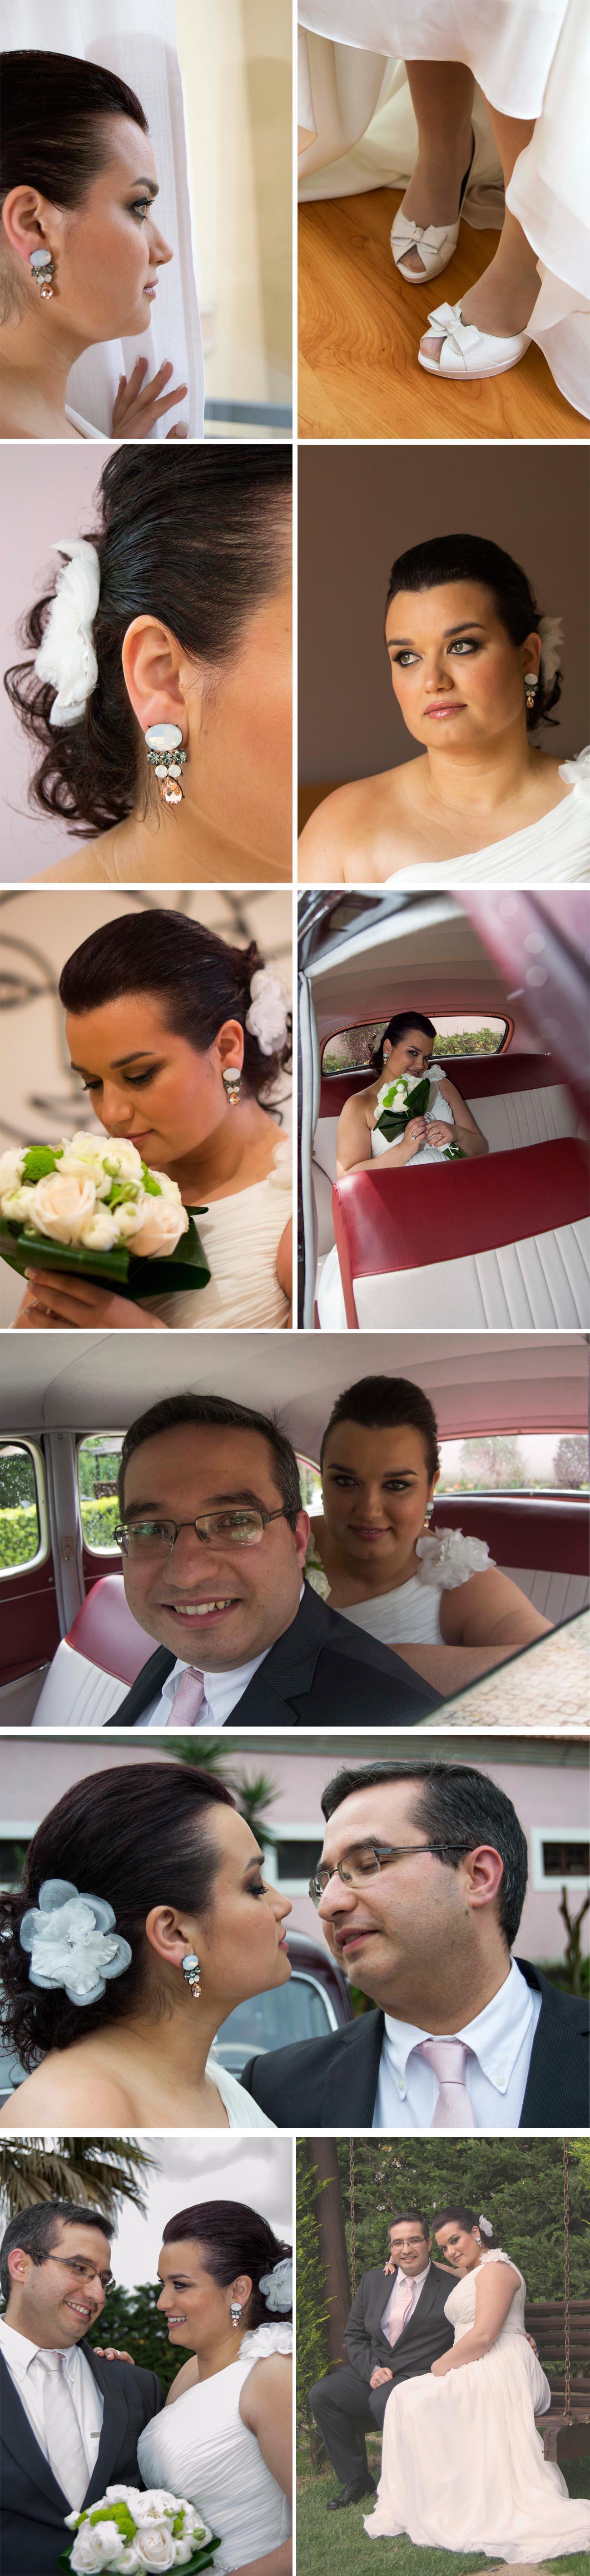 Casamento I copy